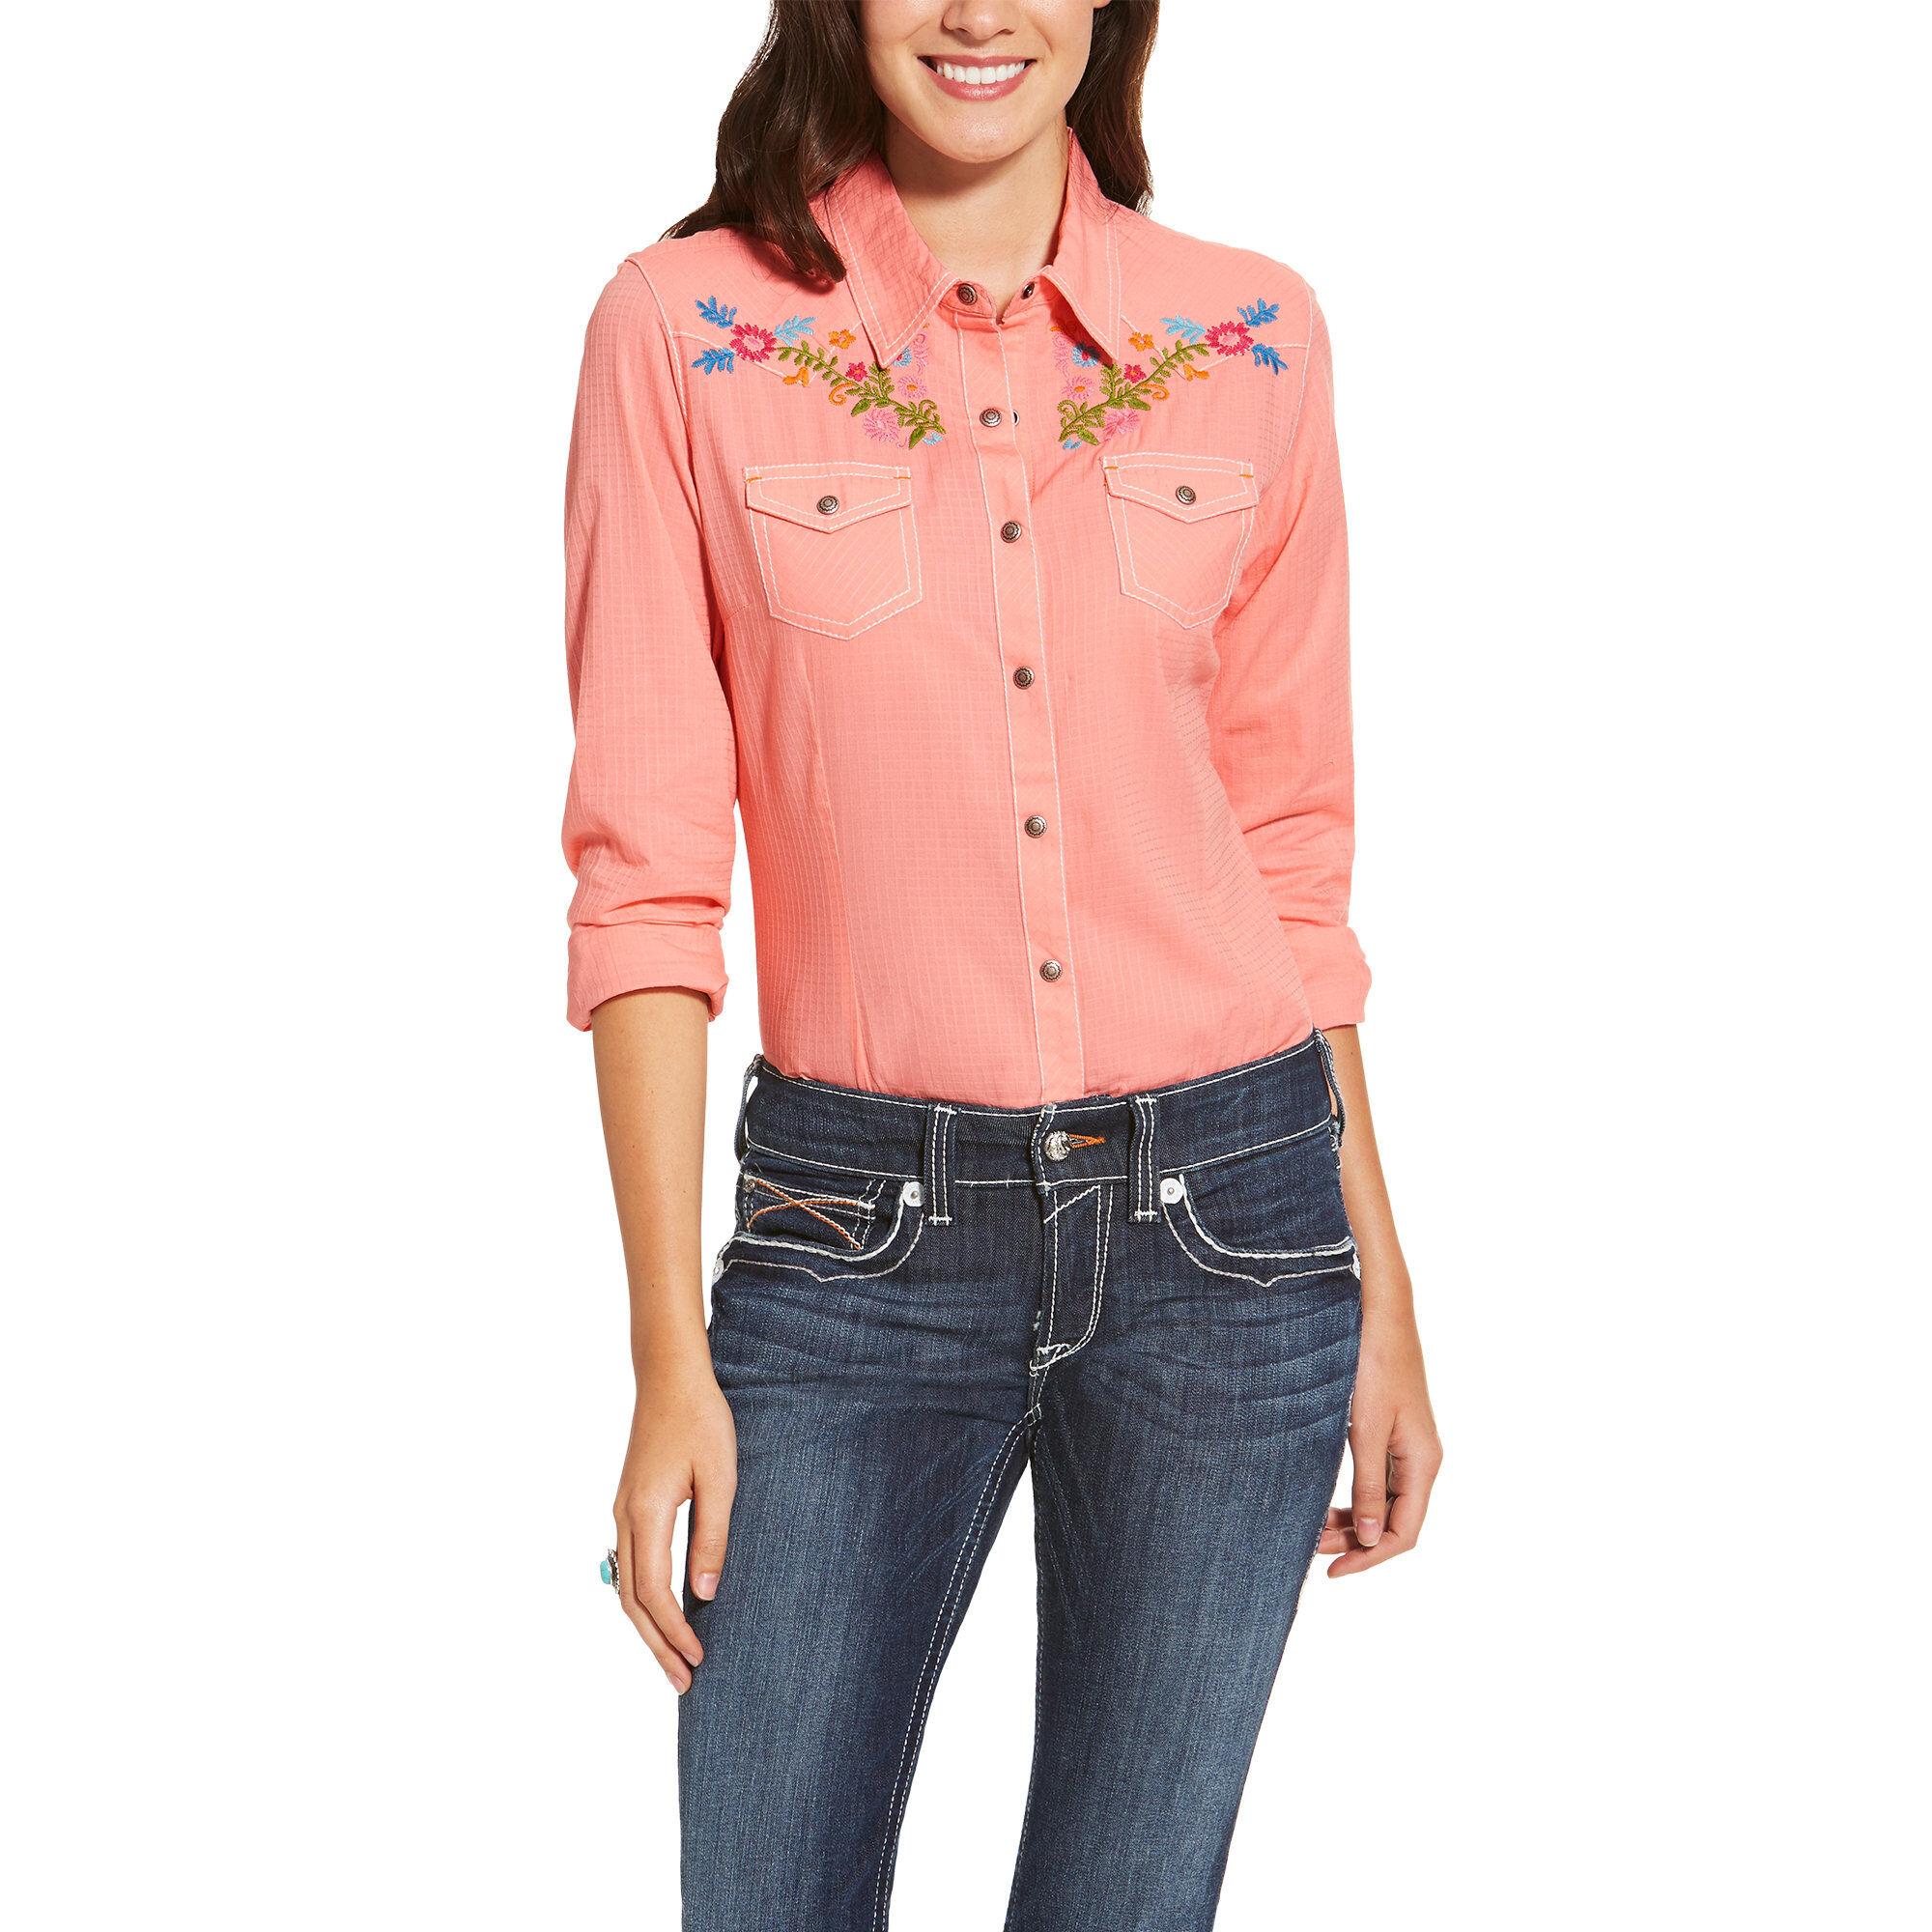 Senorita Snap Shirt